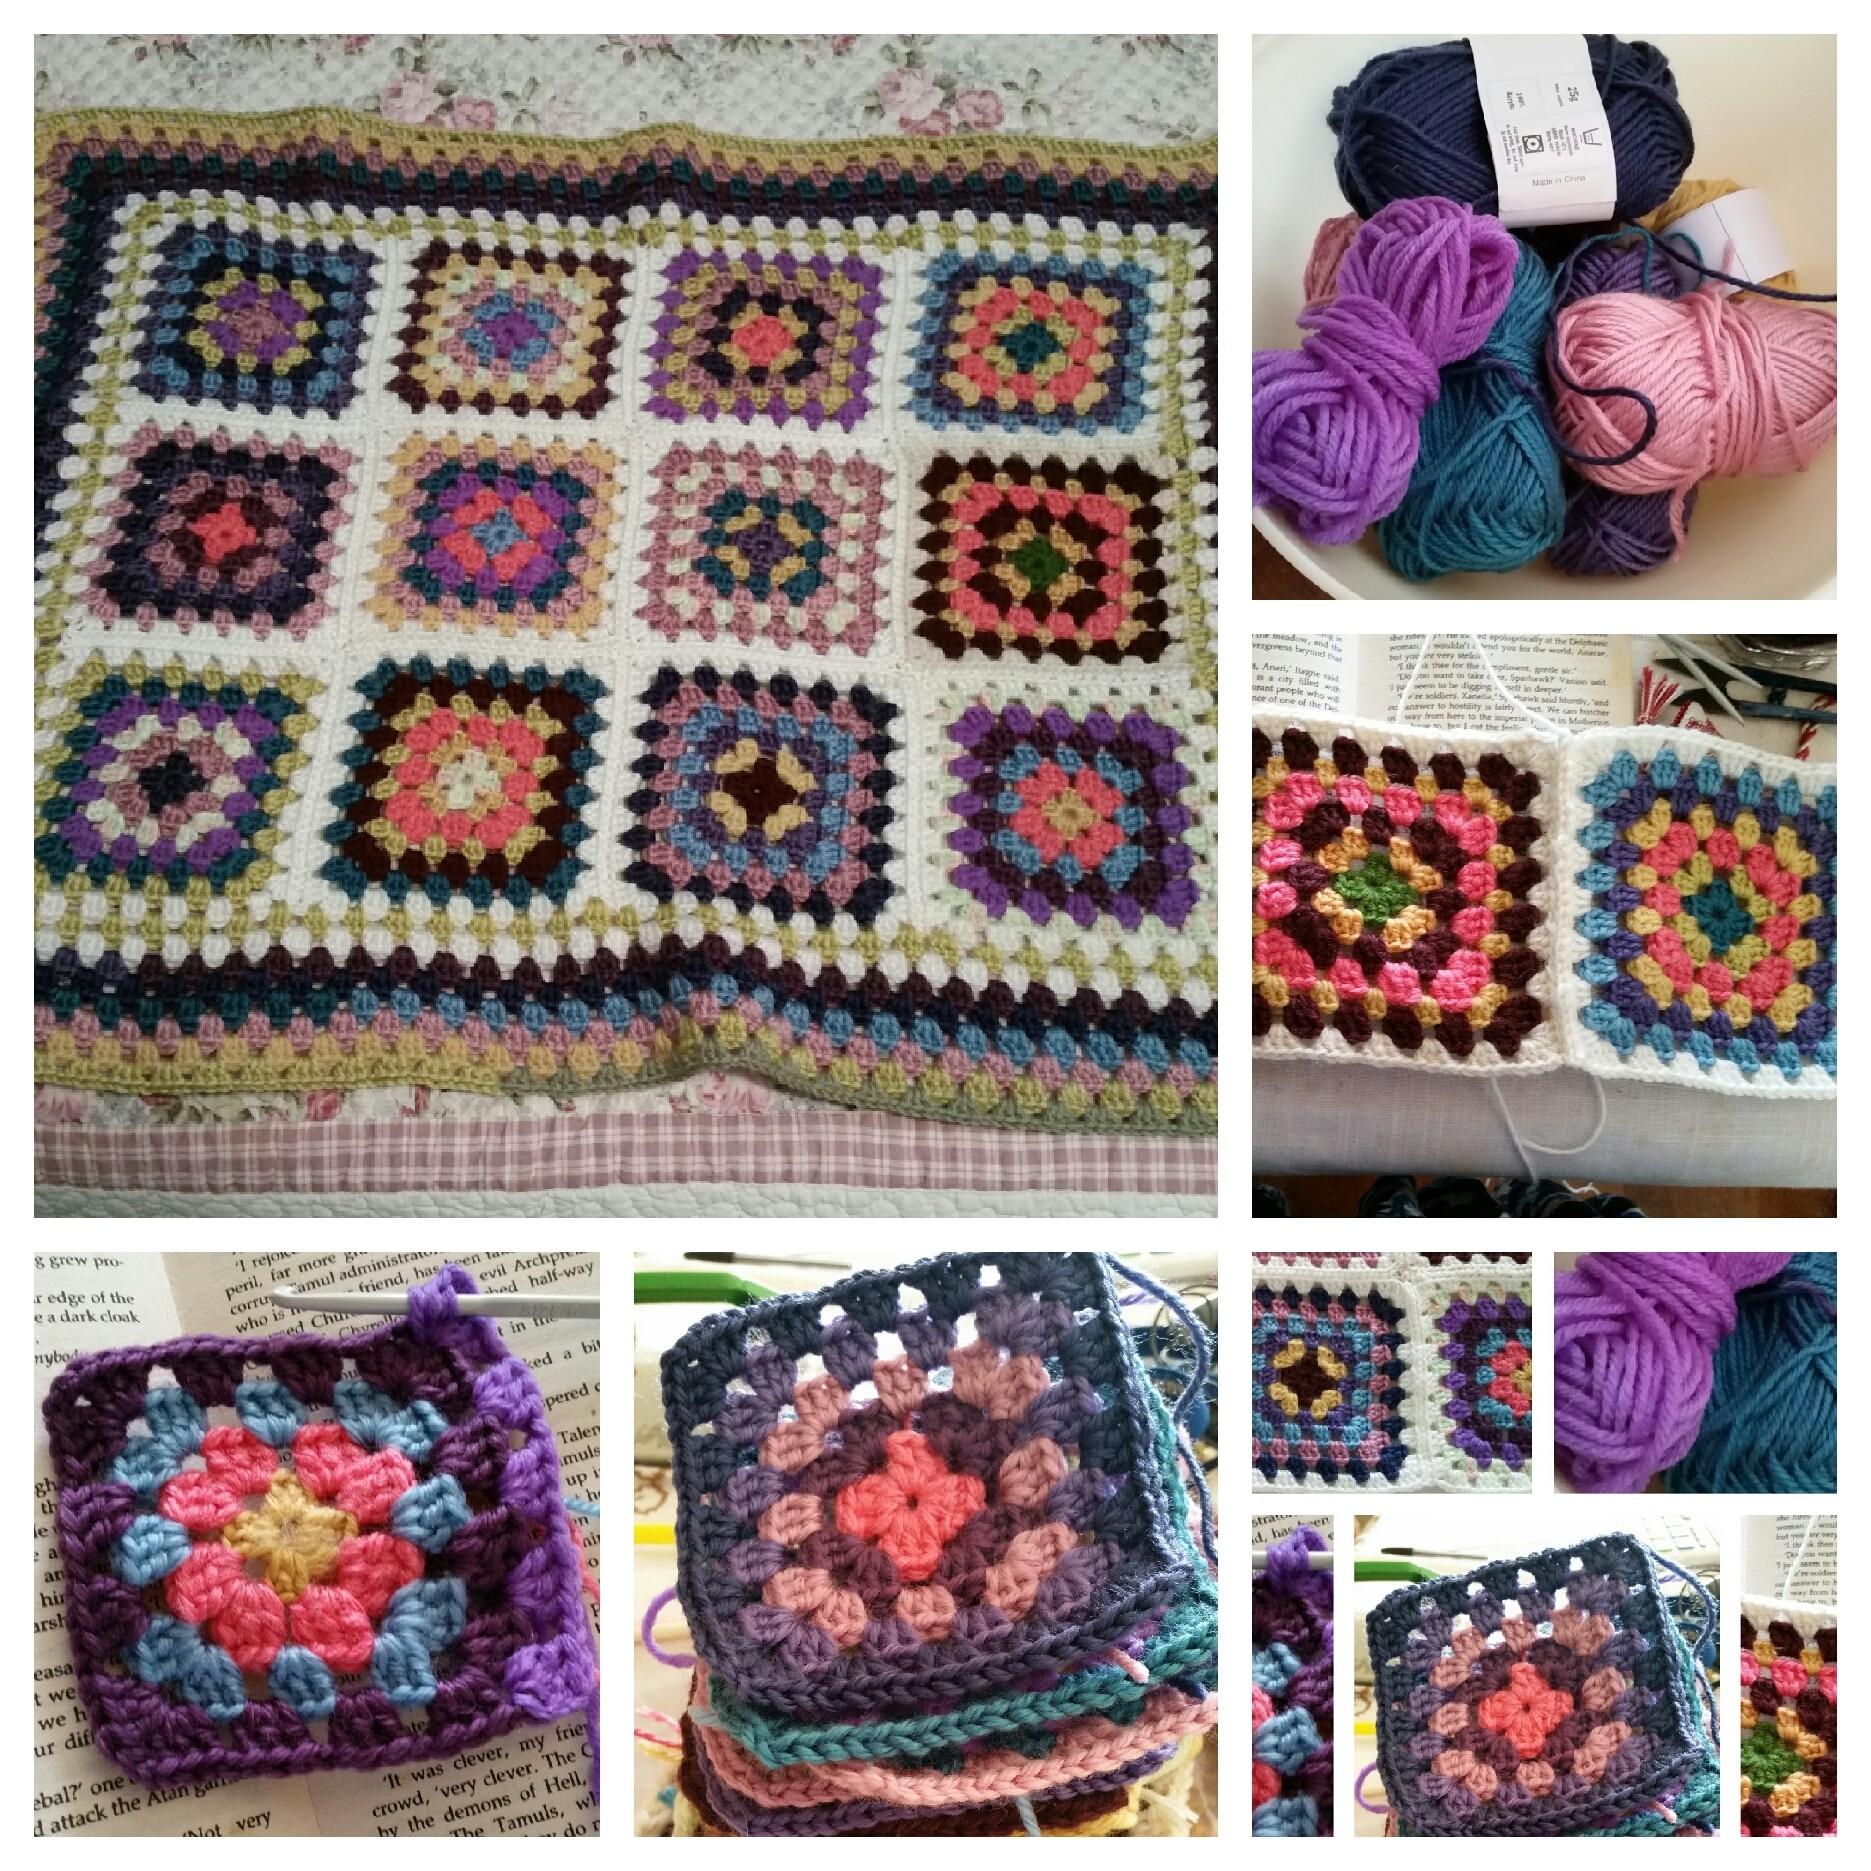 Granny square lap rug.